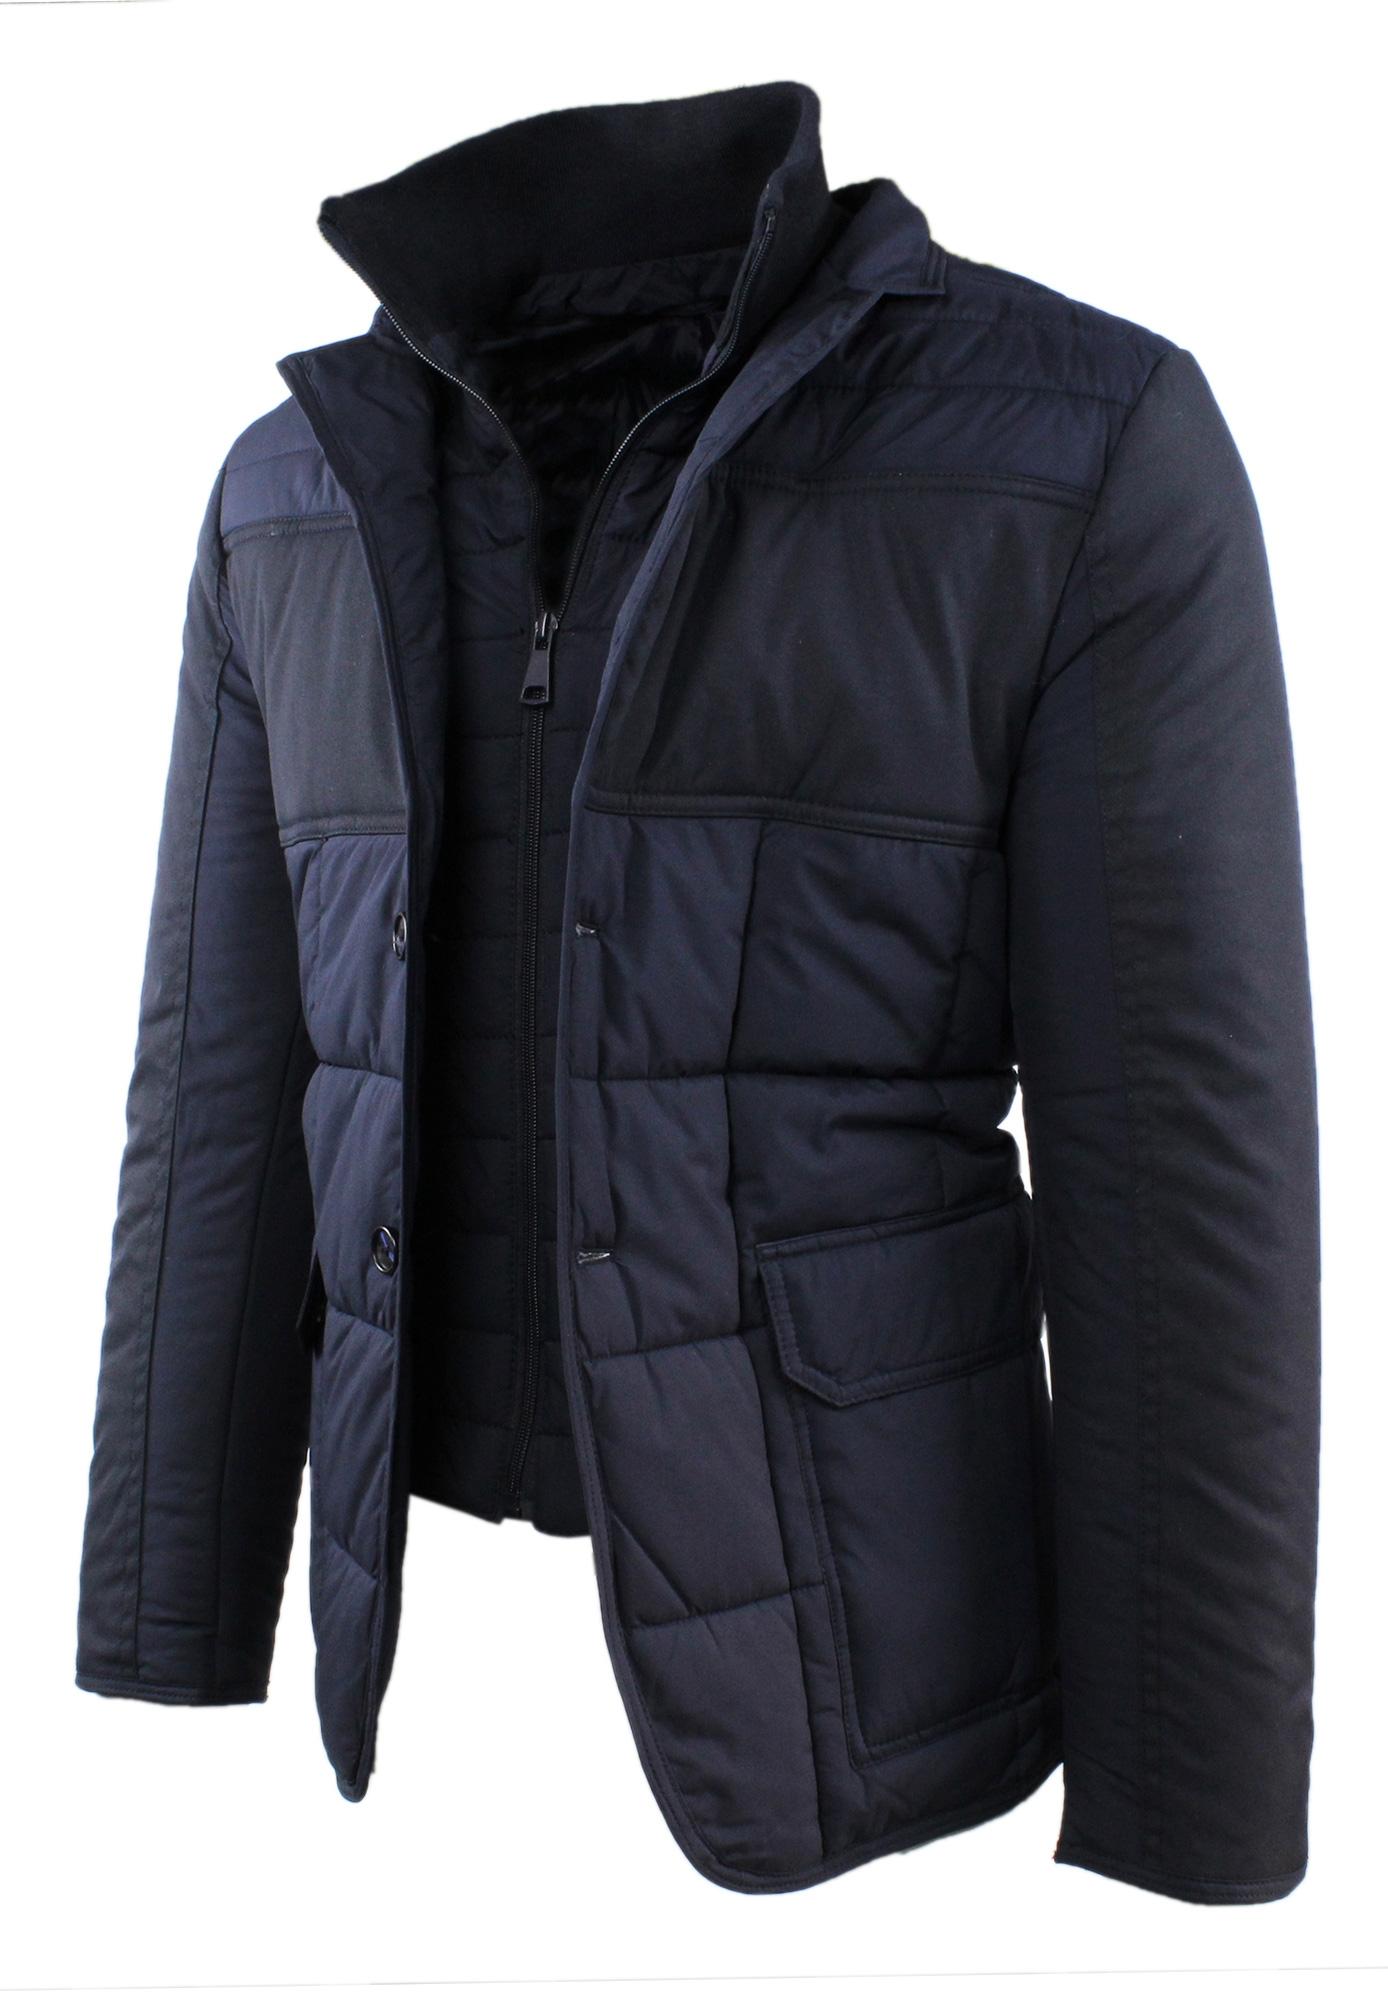 Giubbotto-Uomo-Invernale-Slim-Fit-Blu-Nero-Giacca-Elegante-Trapuntata-Cappotto miniatura 5